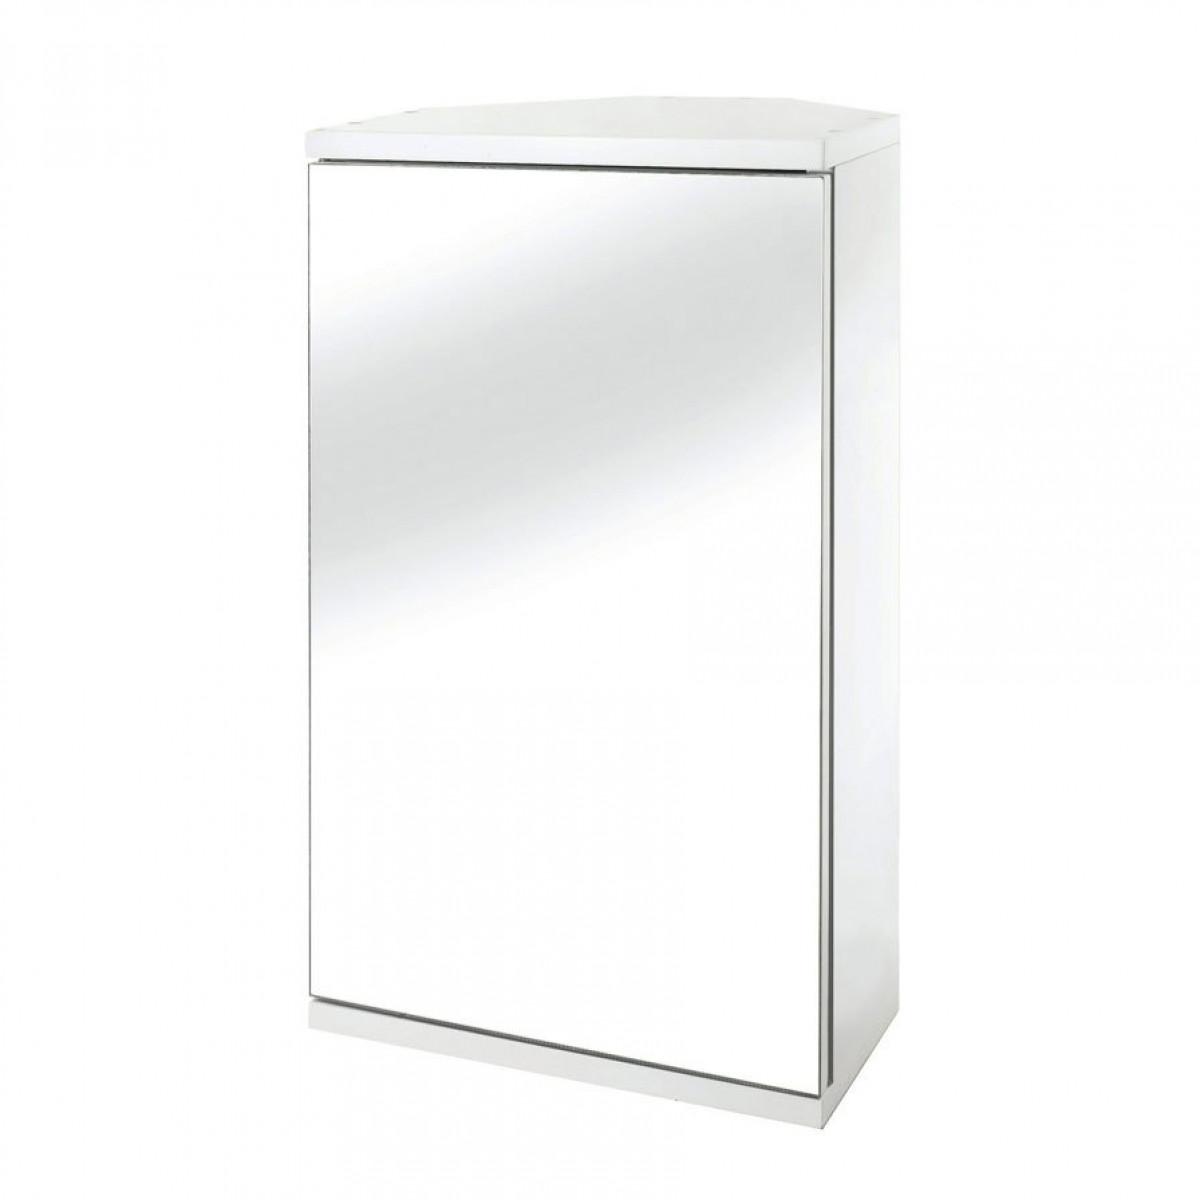 Croydex Simplicity Single Door Bathroom Cabinet